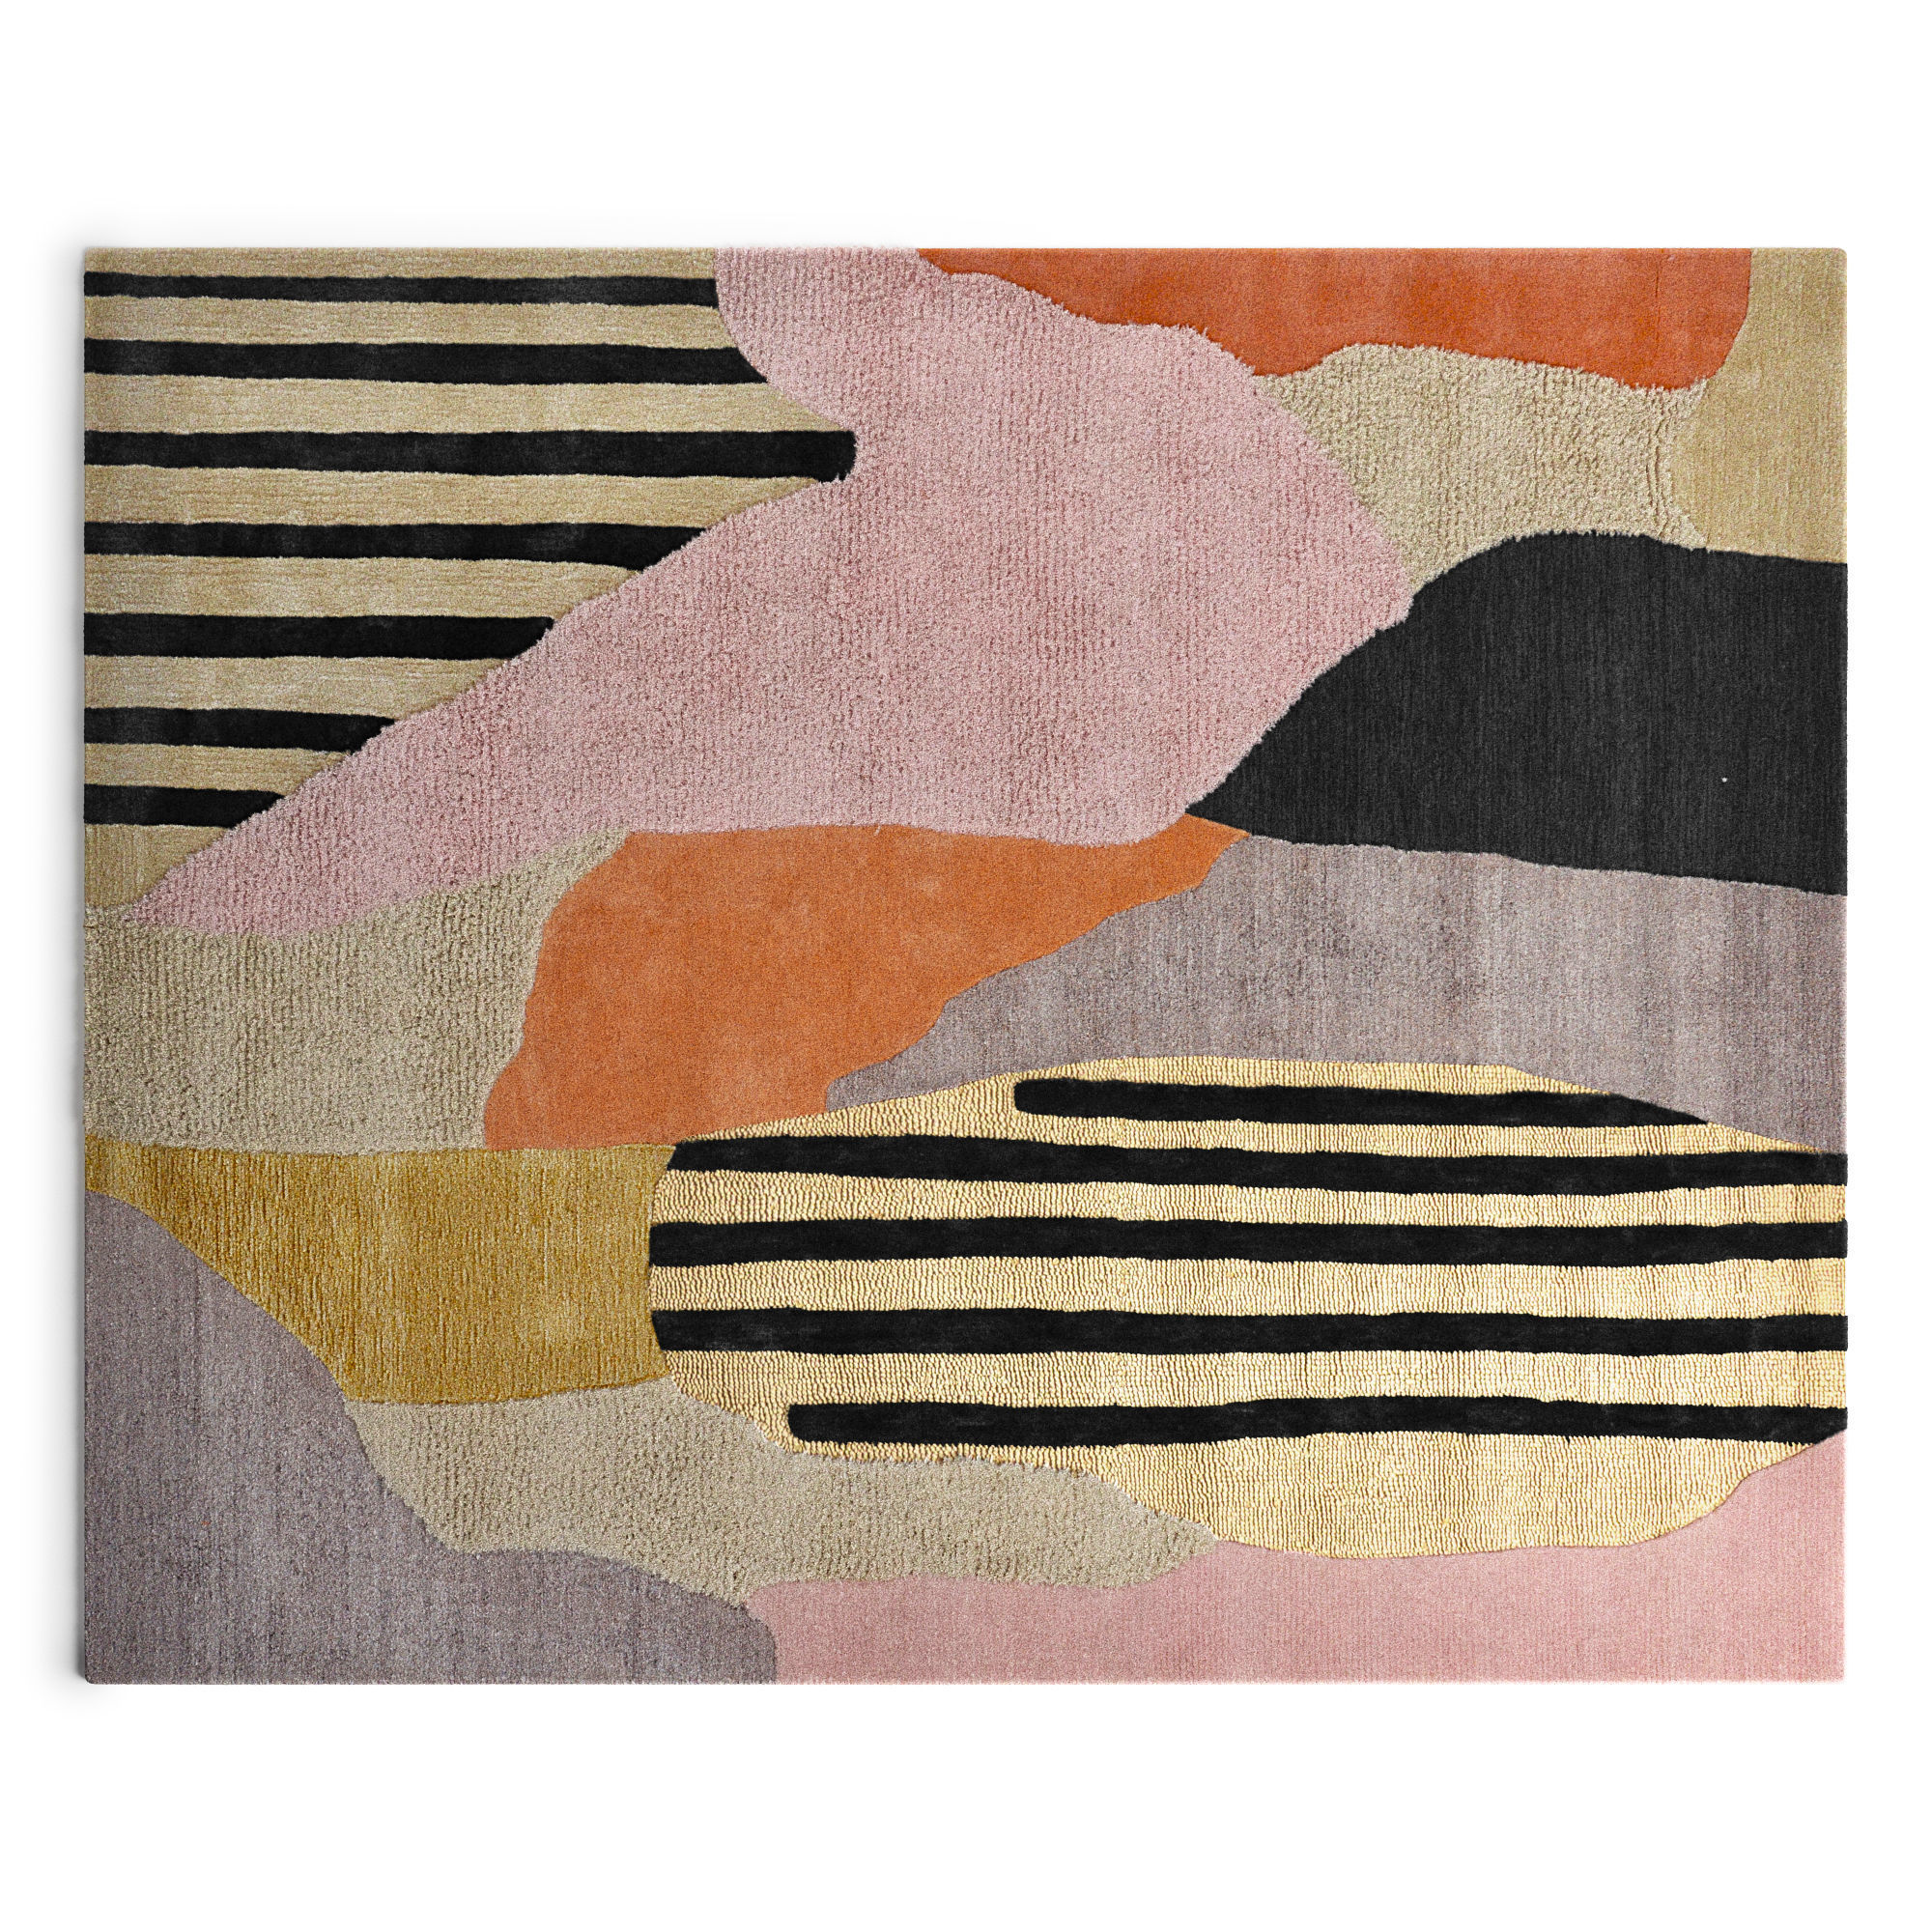 Off beat wool rug by Loomy